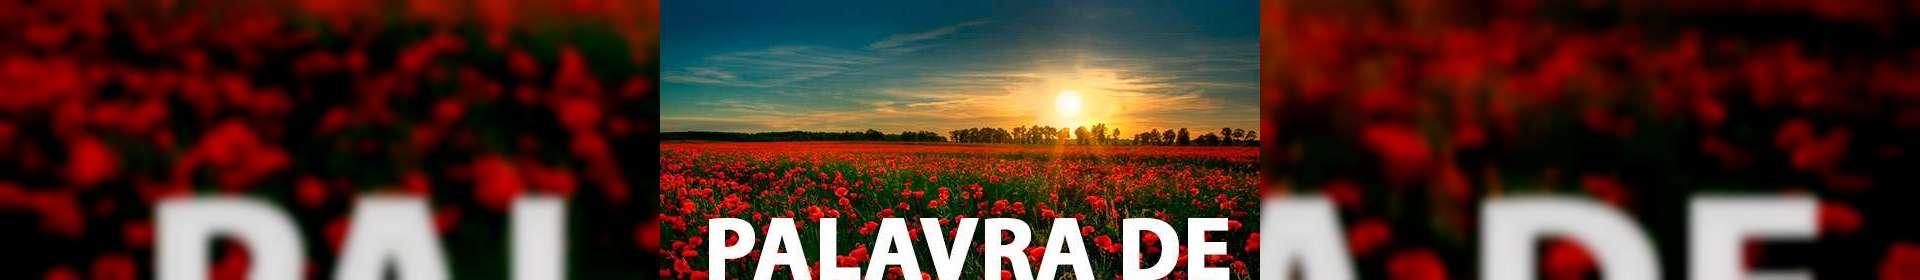 Salmos 126:6 - Uma Palavra de Esperança para sua vida